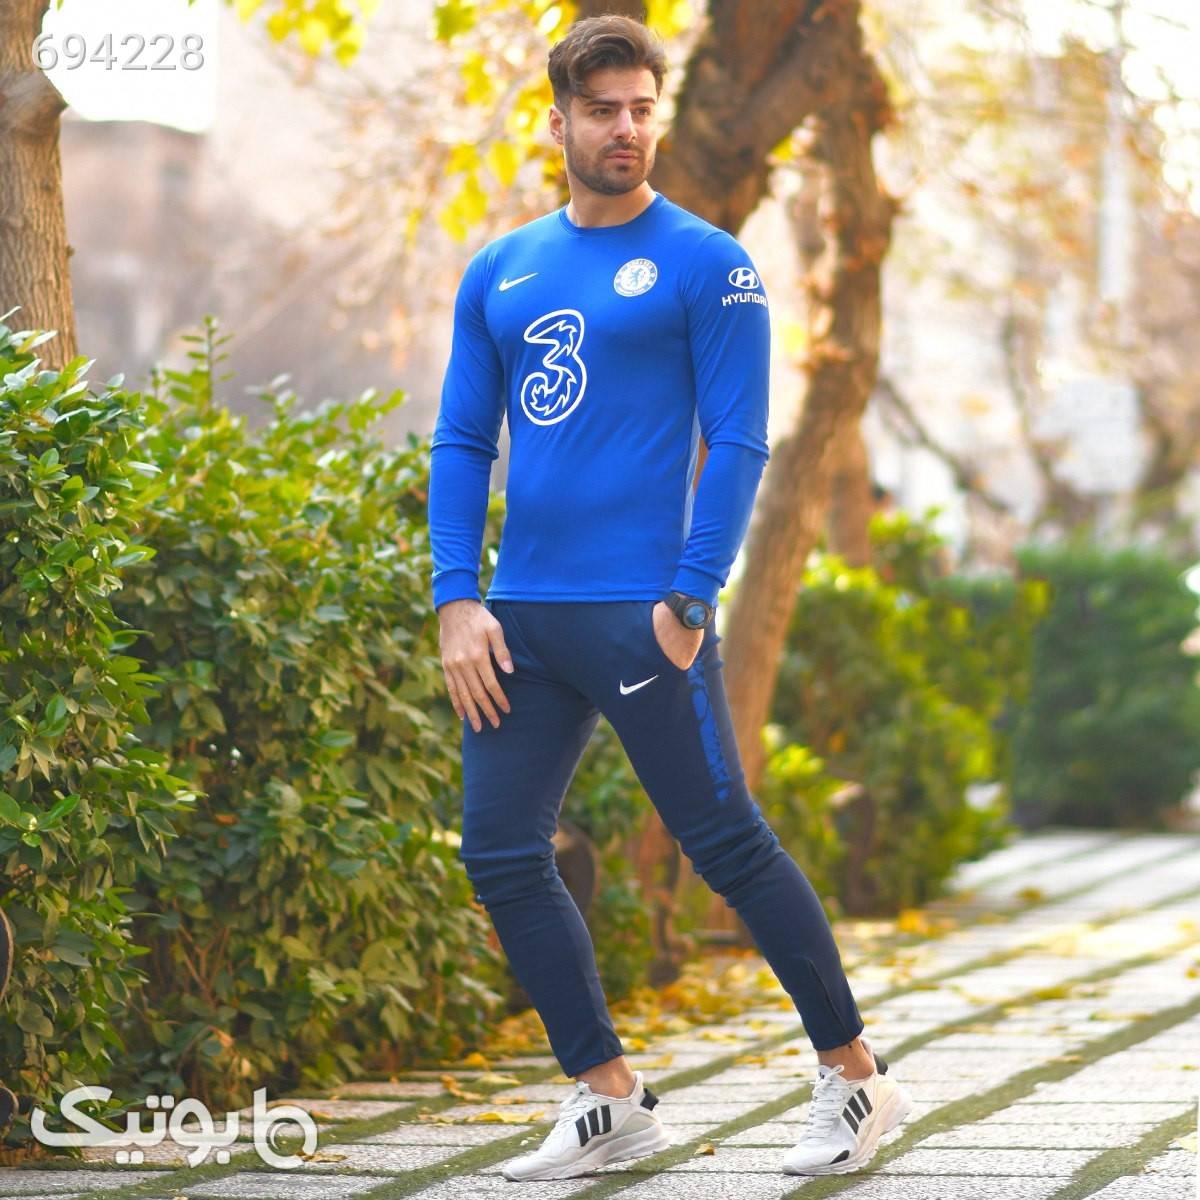 ست تیشرت شلوار ورزشی چلسی آبی ست ورزشی مردانه